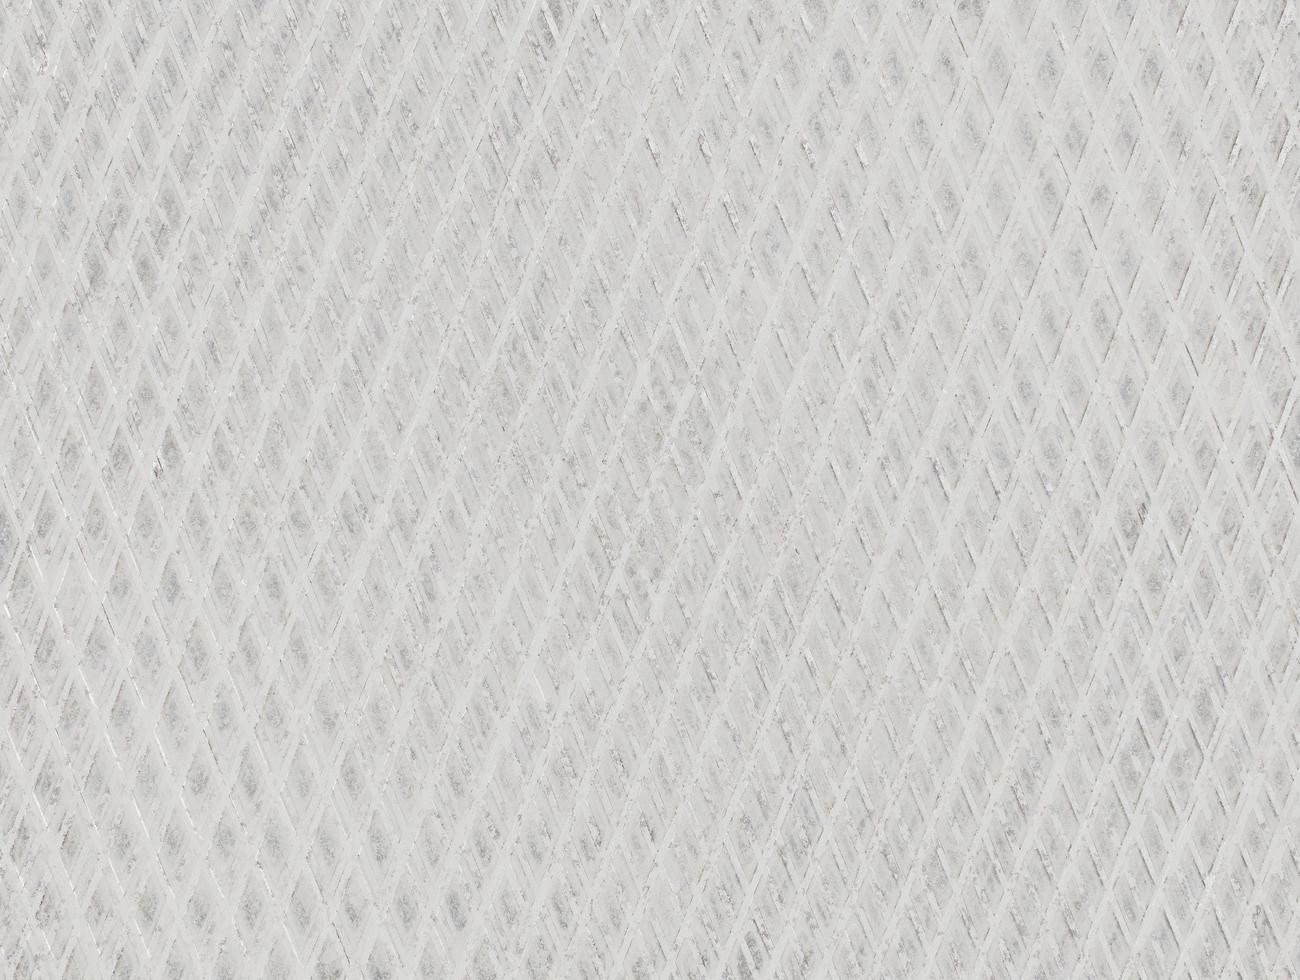 abstracte oxide stalen textuur foto